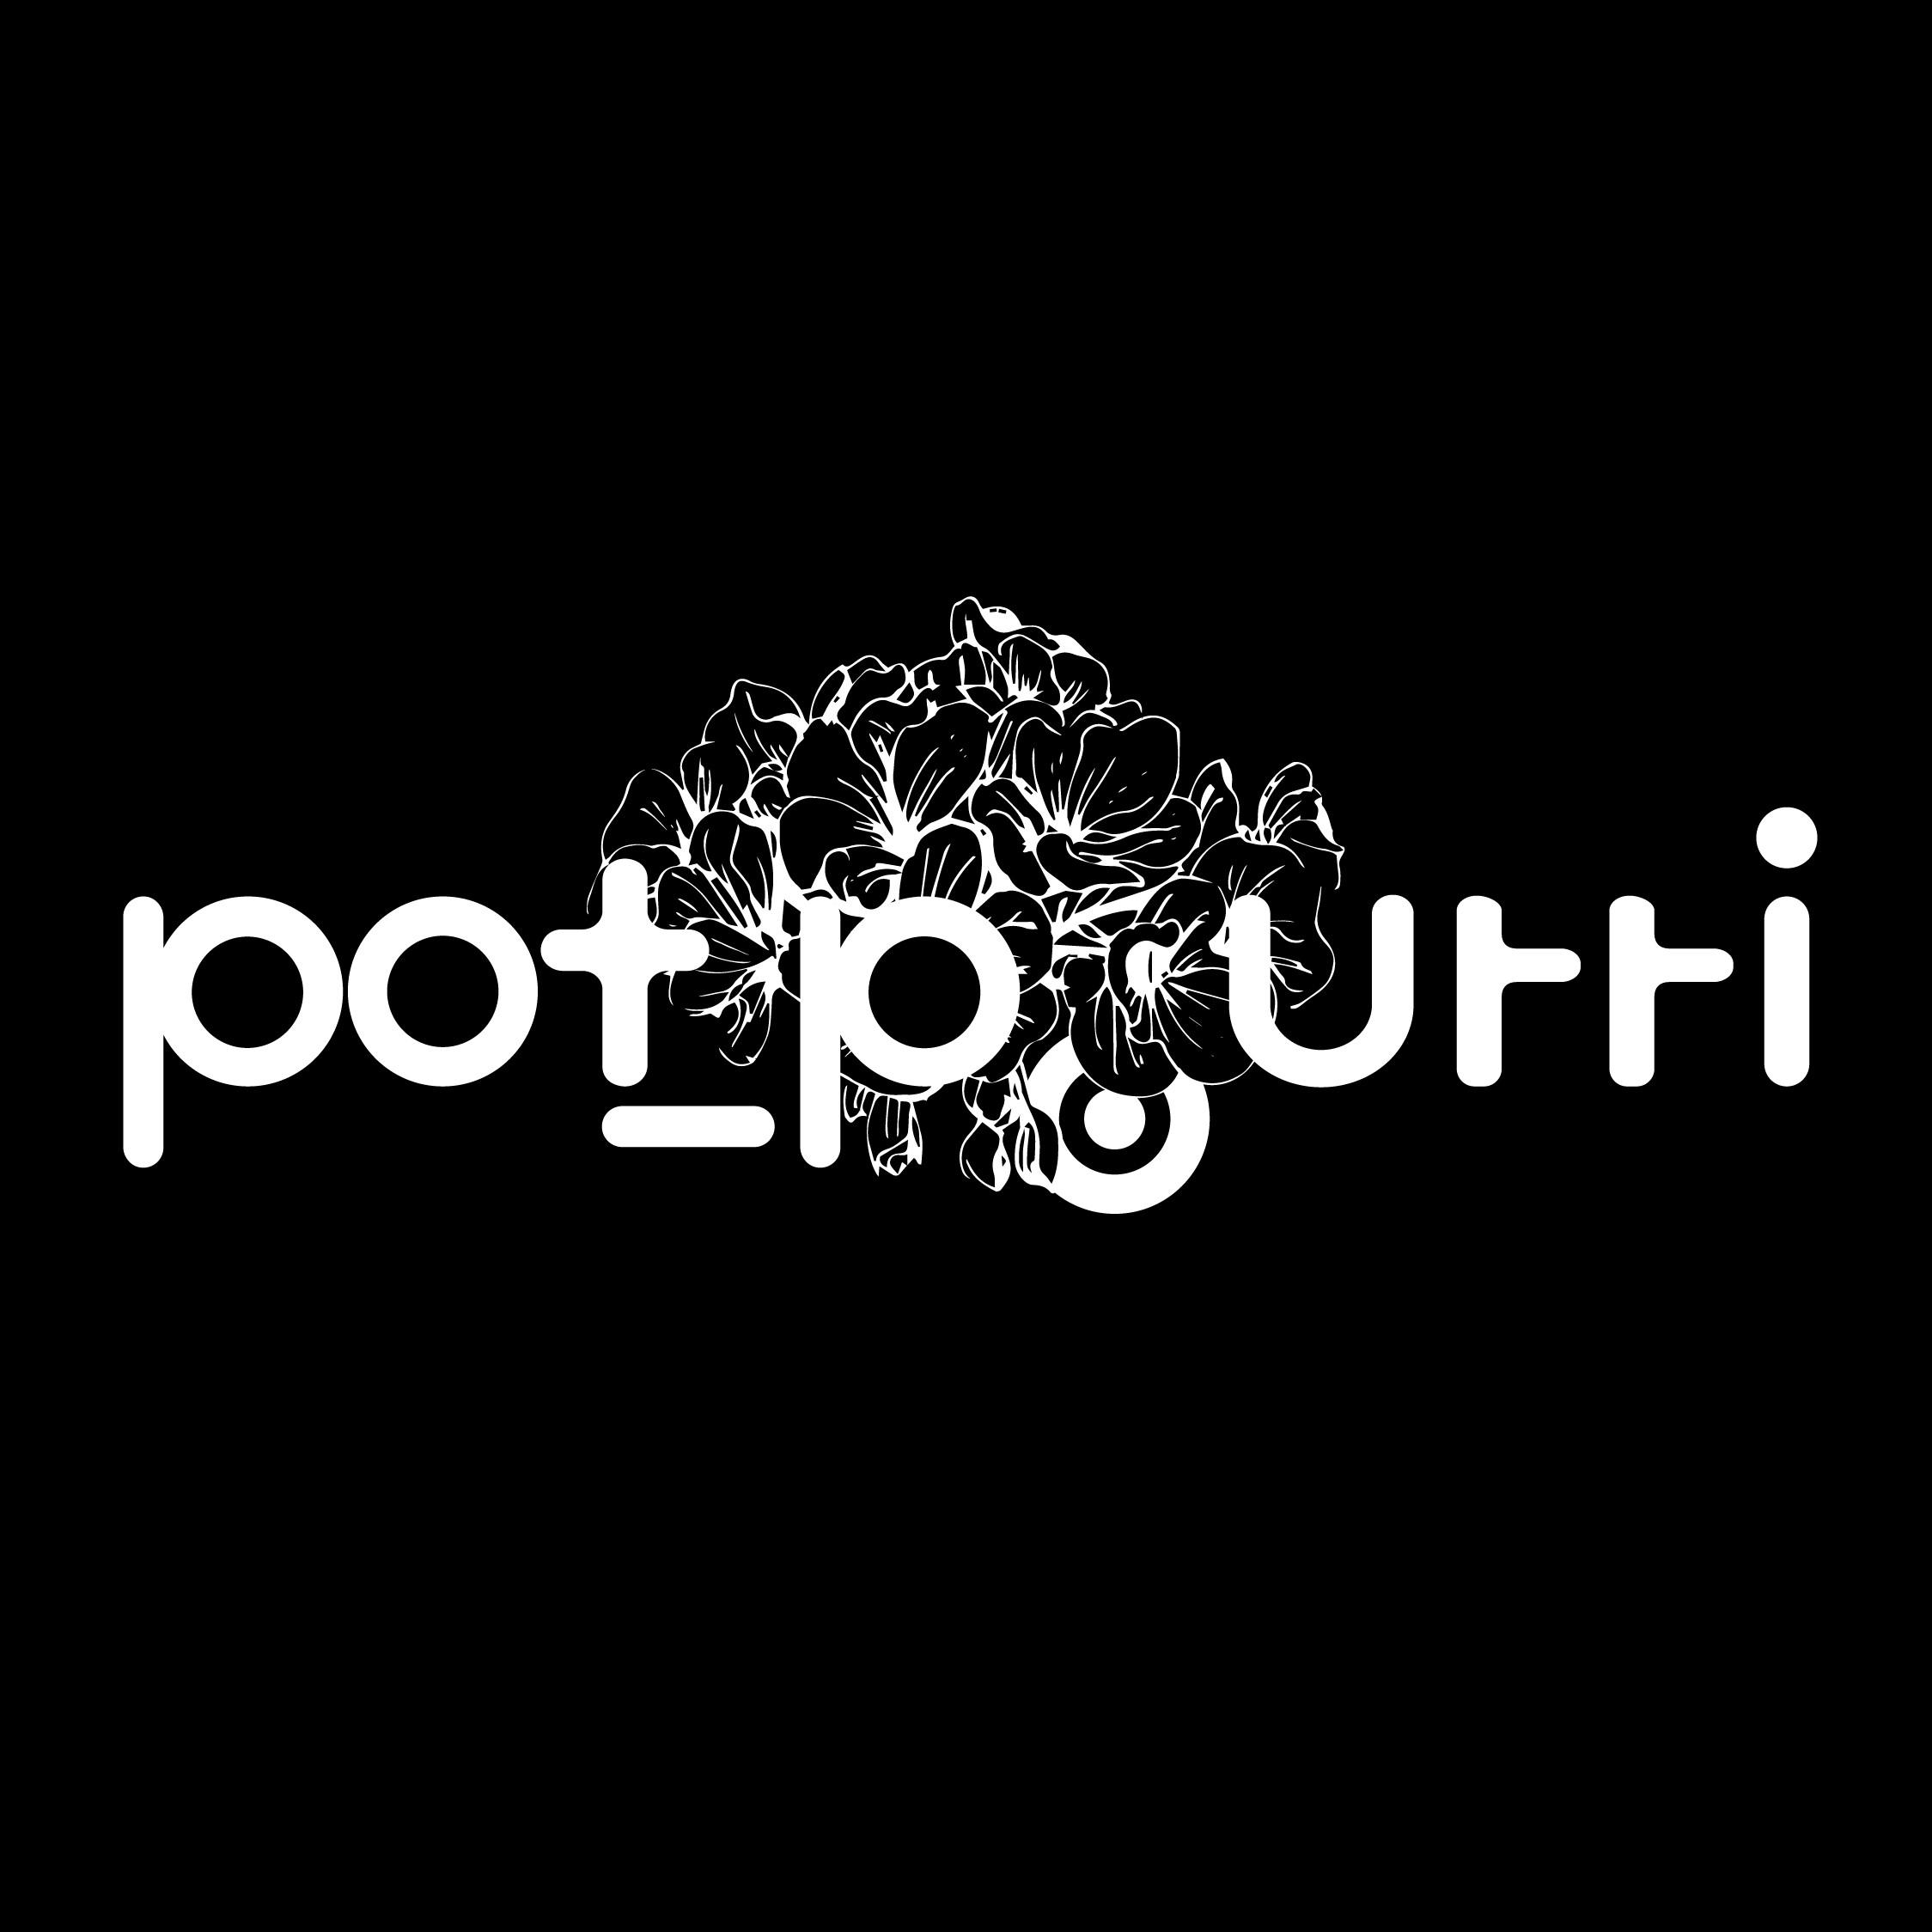 【注目の学生アーティスト】4人組バンドPot-pourri「曲作りはラフに! メンバーのアレンジを信じている」